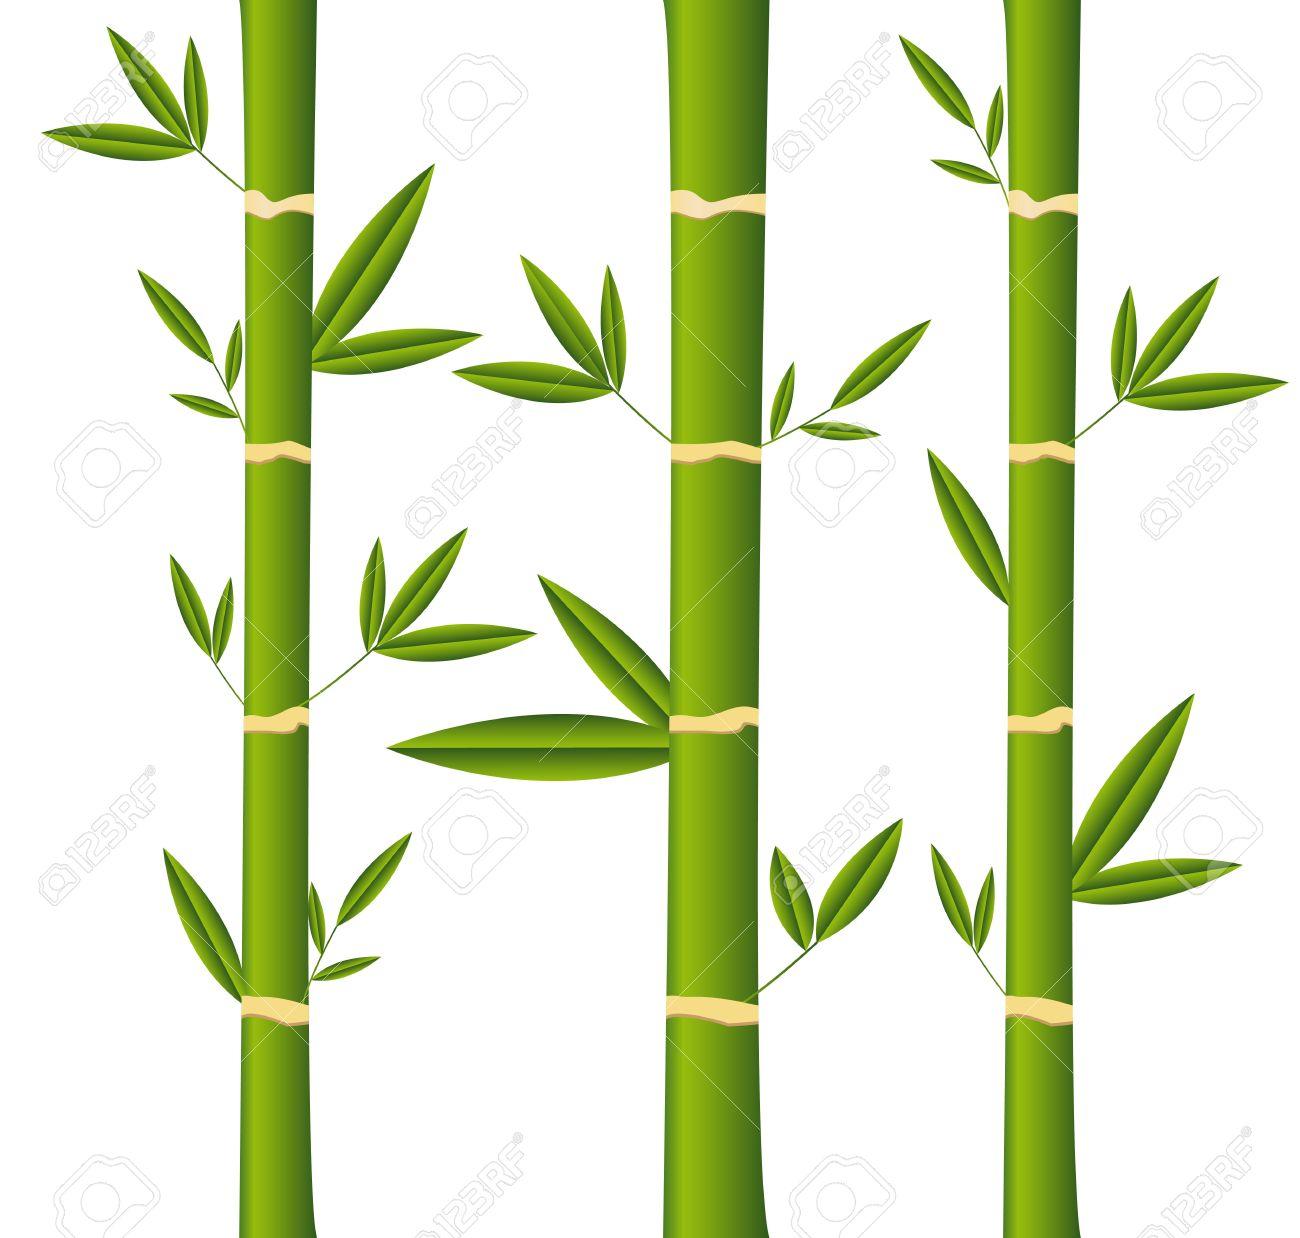 Palos De Bambu Con Hojas Sobre Fondo Blanco Ilustraciones - Palos-de-bambu